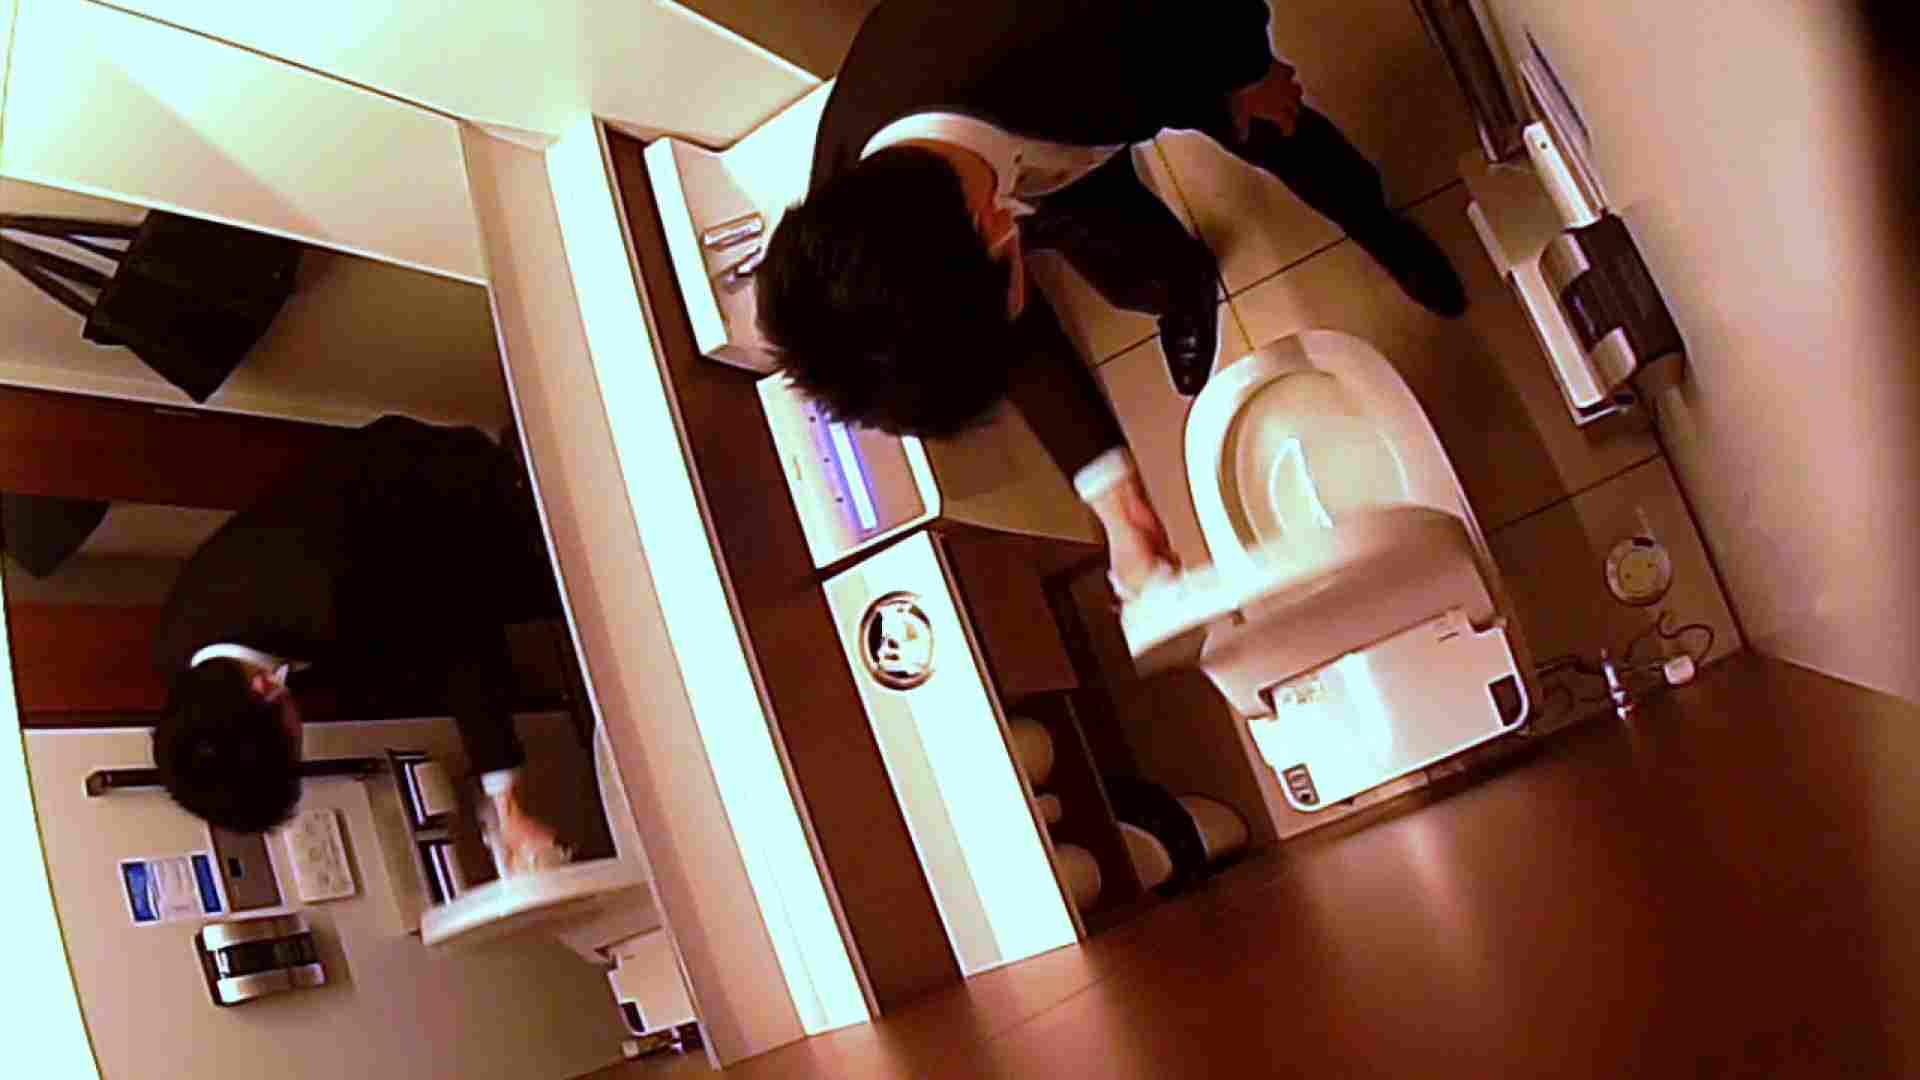 イケメンの素顔in洗面所 Vol.11 イケメンのsex | ノンケボーイズ  60pic 29